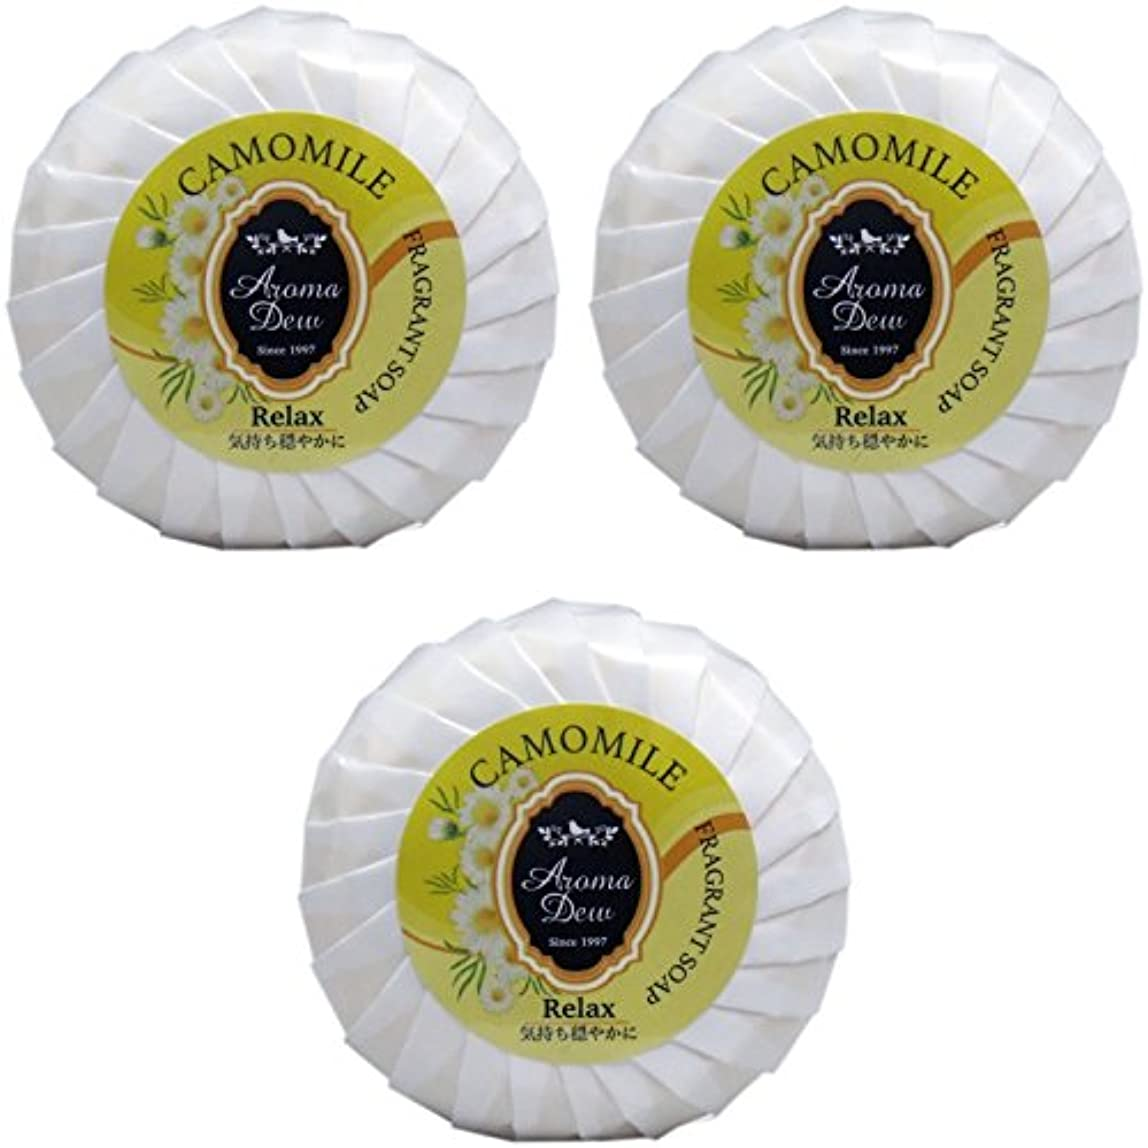 デザート光の変装【まとめ買い】アロマデュウ フレグラントソープ カモミールの香り 100g【×3個】